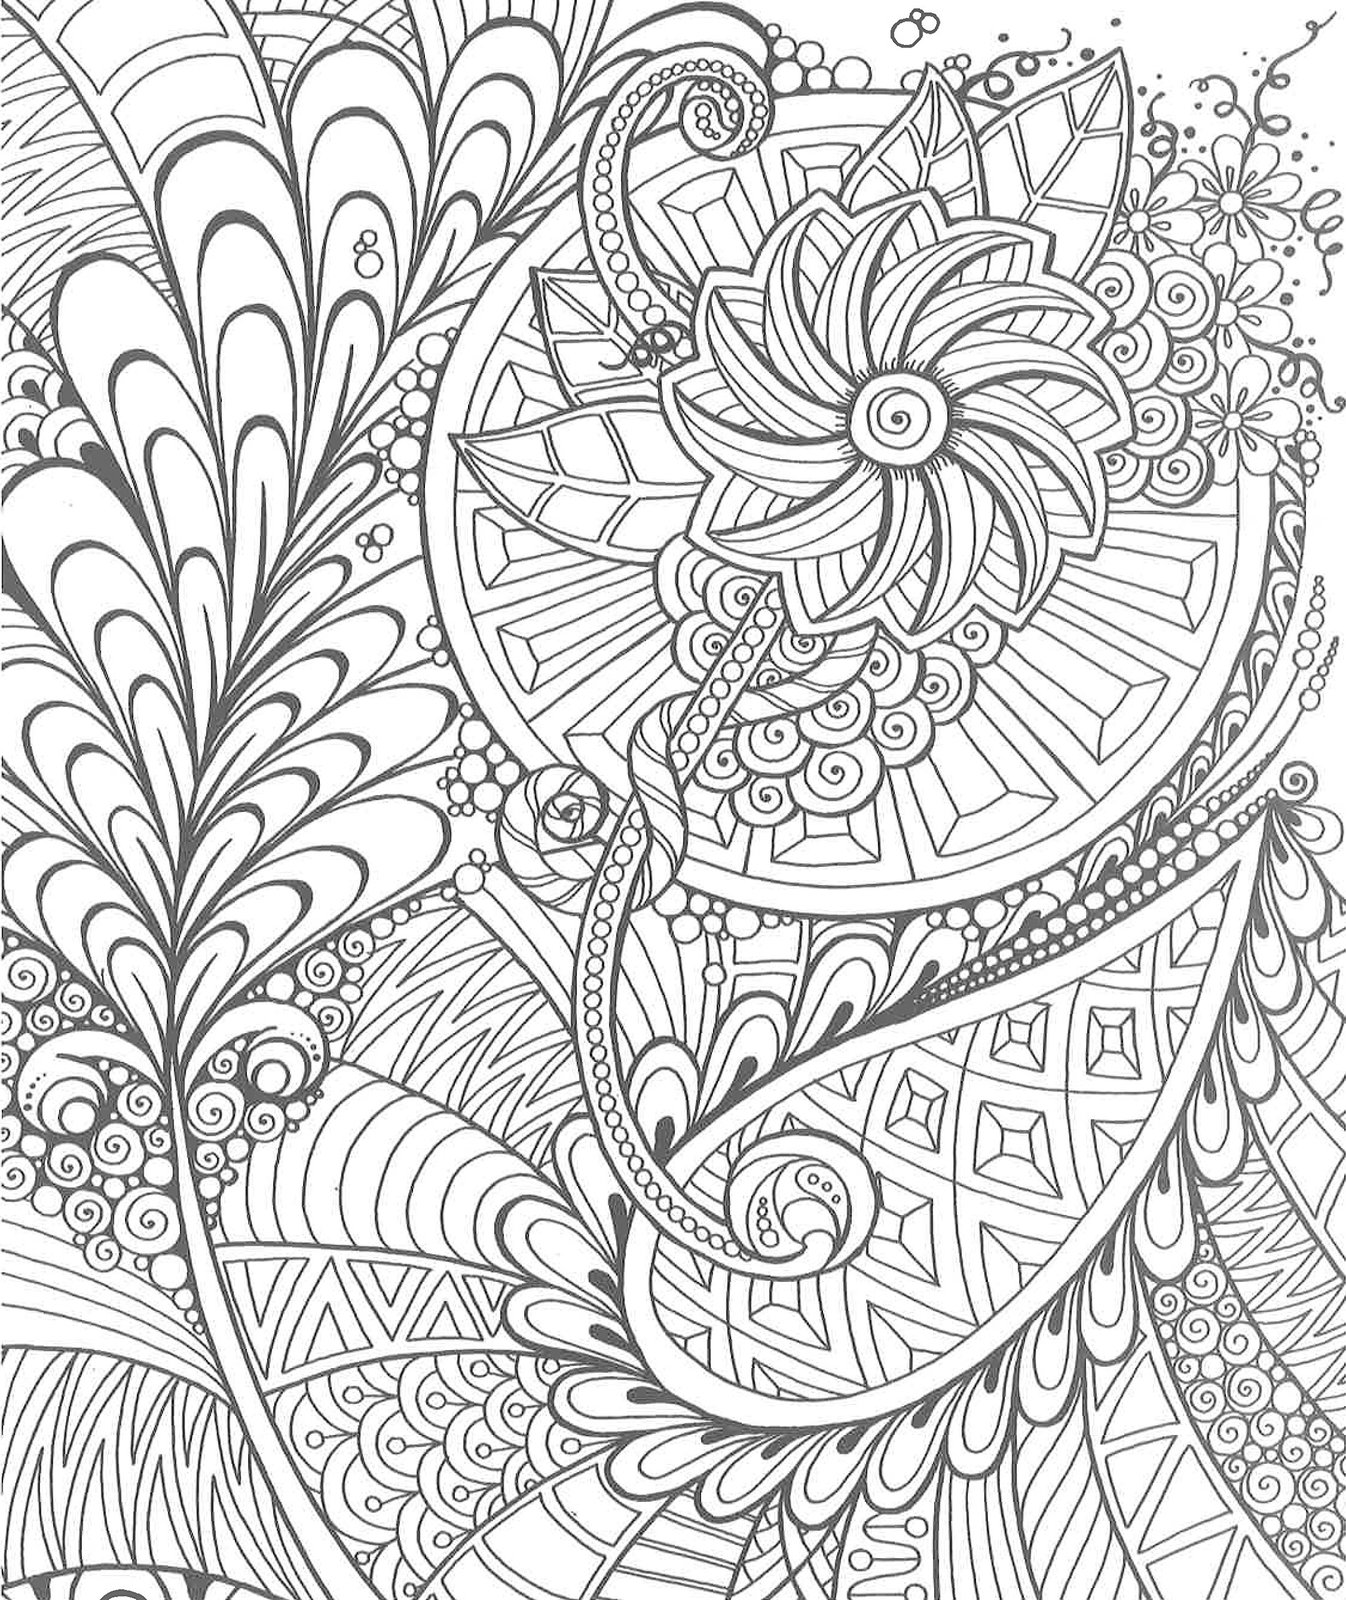 Zendoodle Coloring Creative Sensations Julia Snegireva